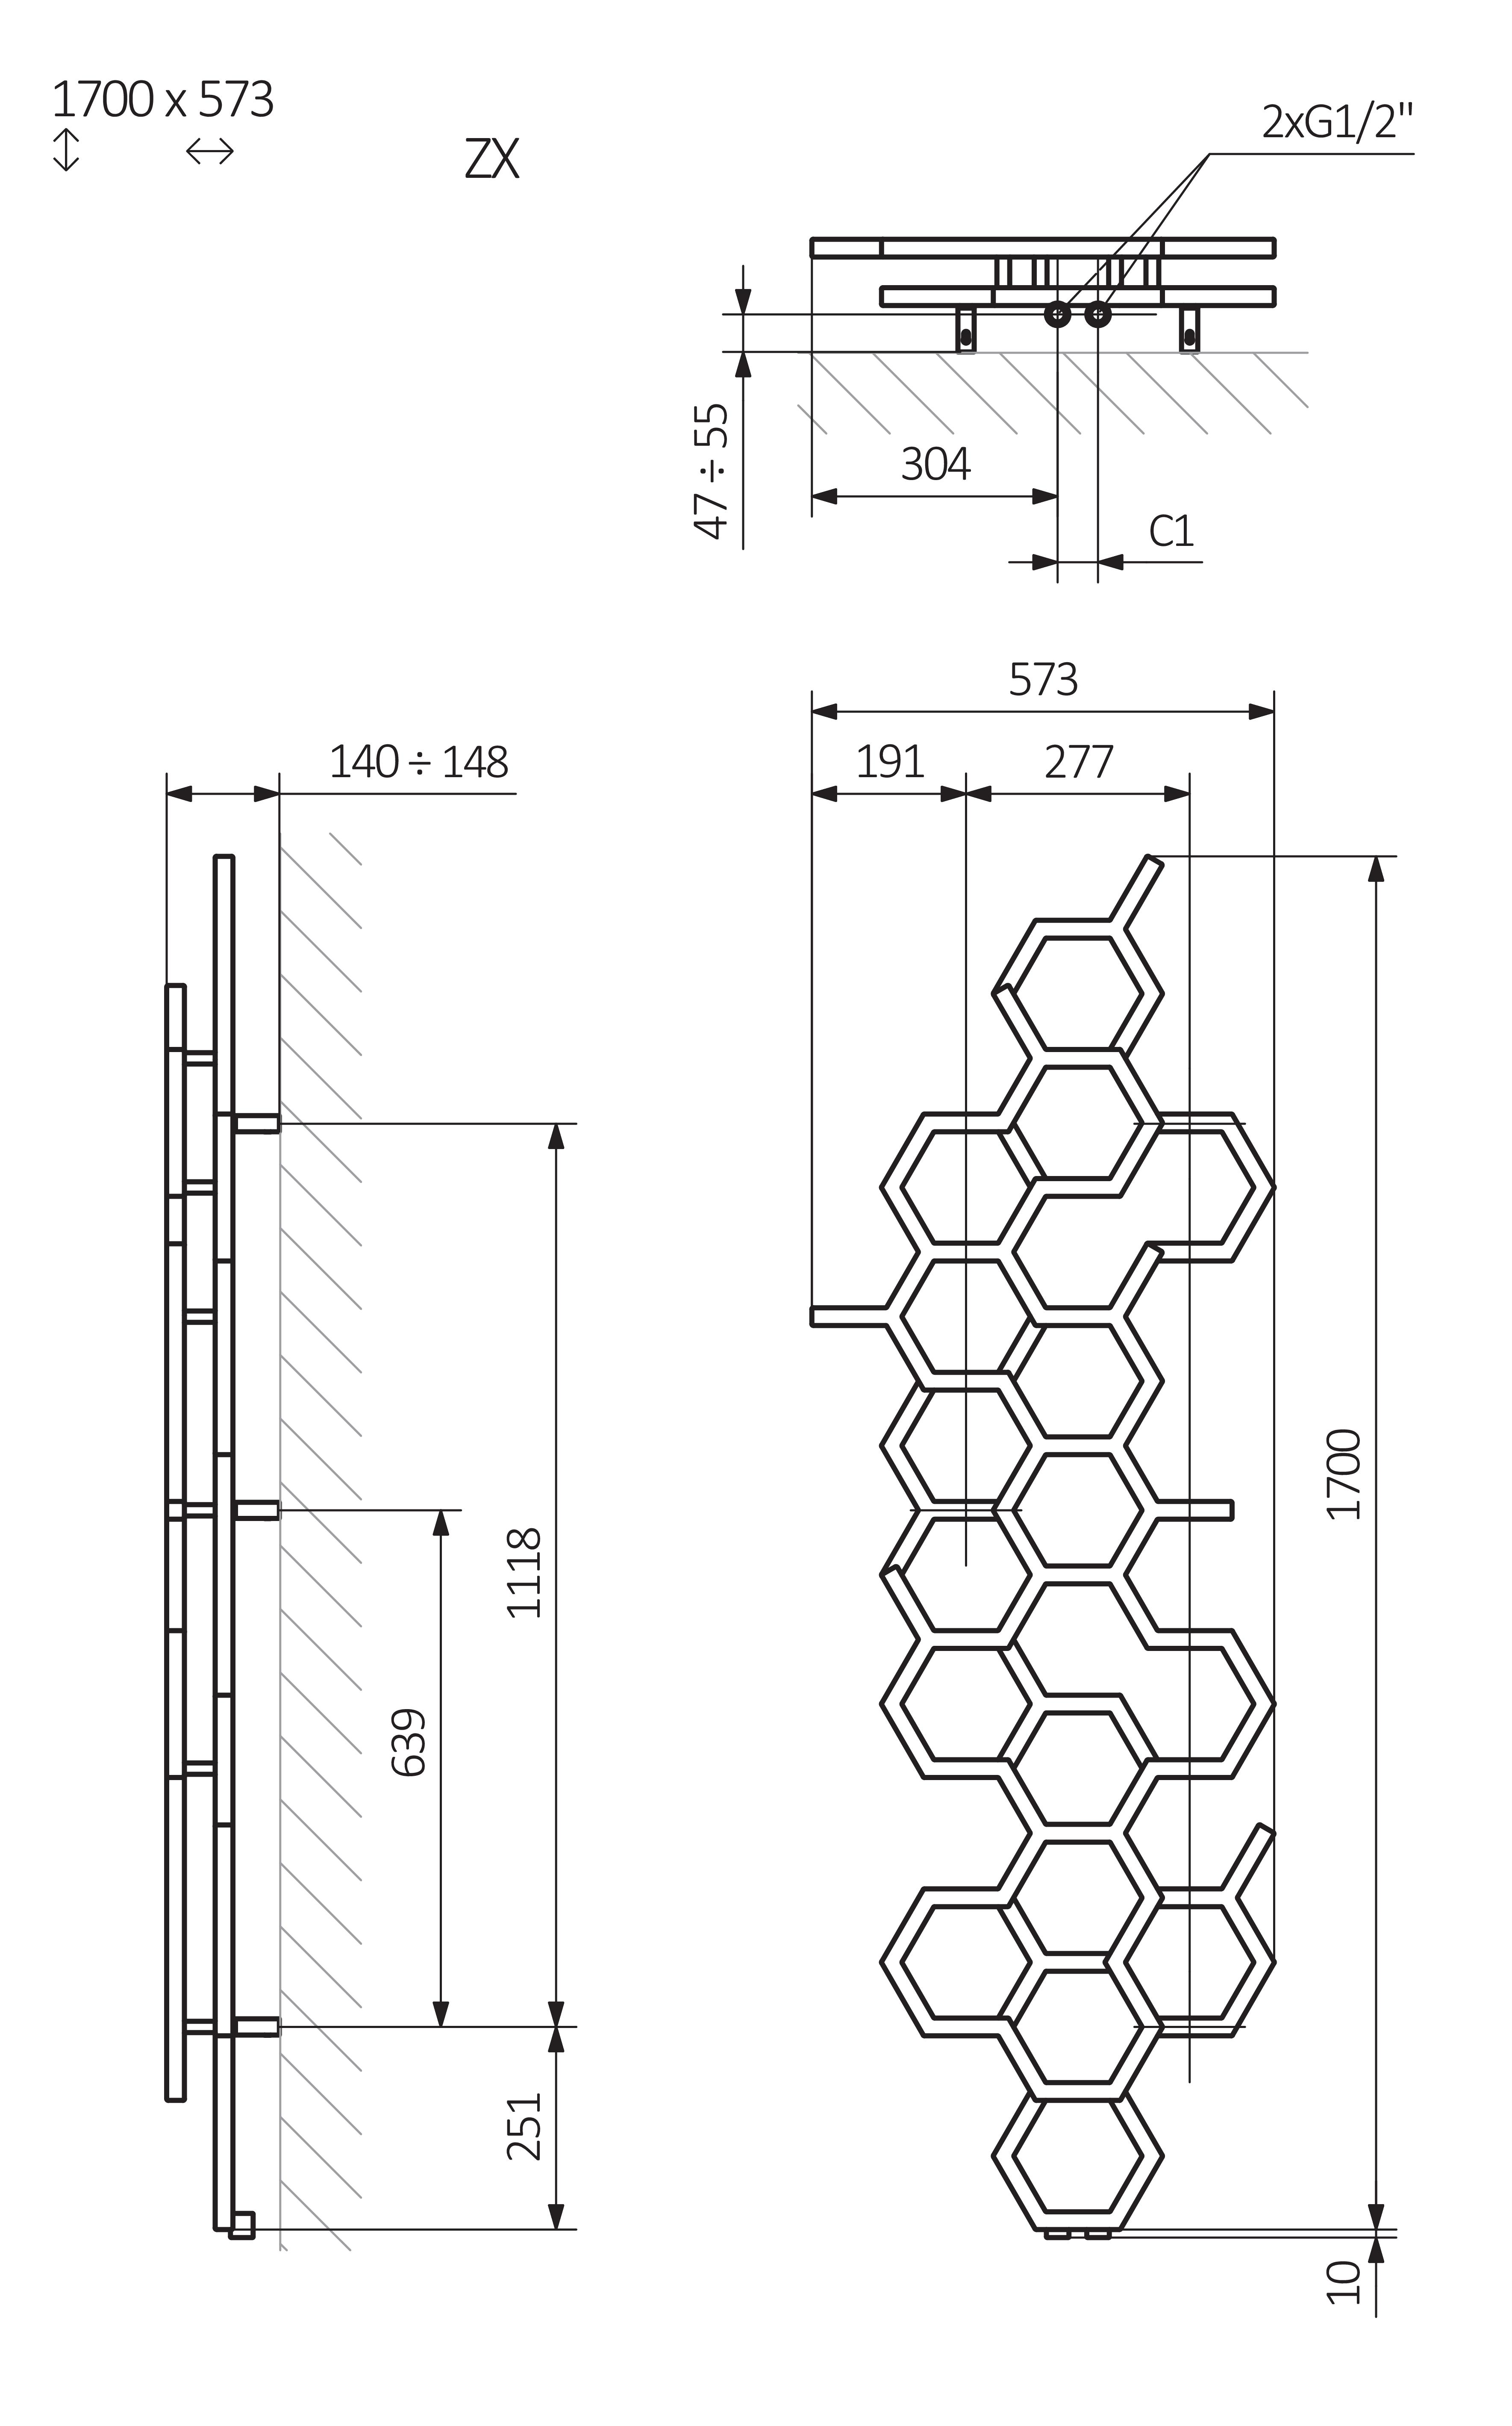 <p>A – wysokość, B – szerokość, C1-C5 – rozstaw podłączeń, D – rozstaw mocowań w poziomie, E – rozstaw mocowań w pionie, F – odległość od osi dolnego mocowania do dolnej krawędzi rurki</p>